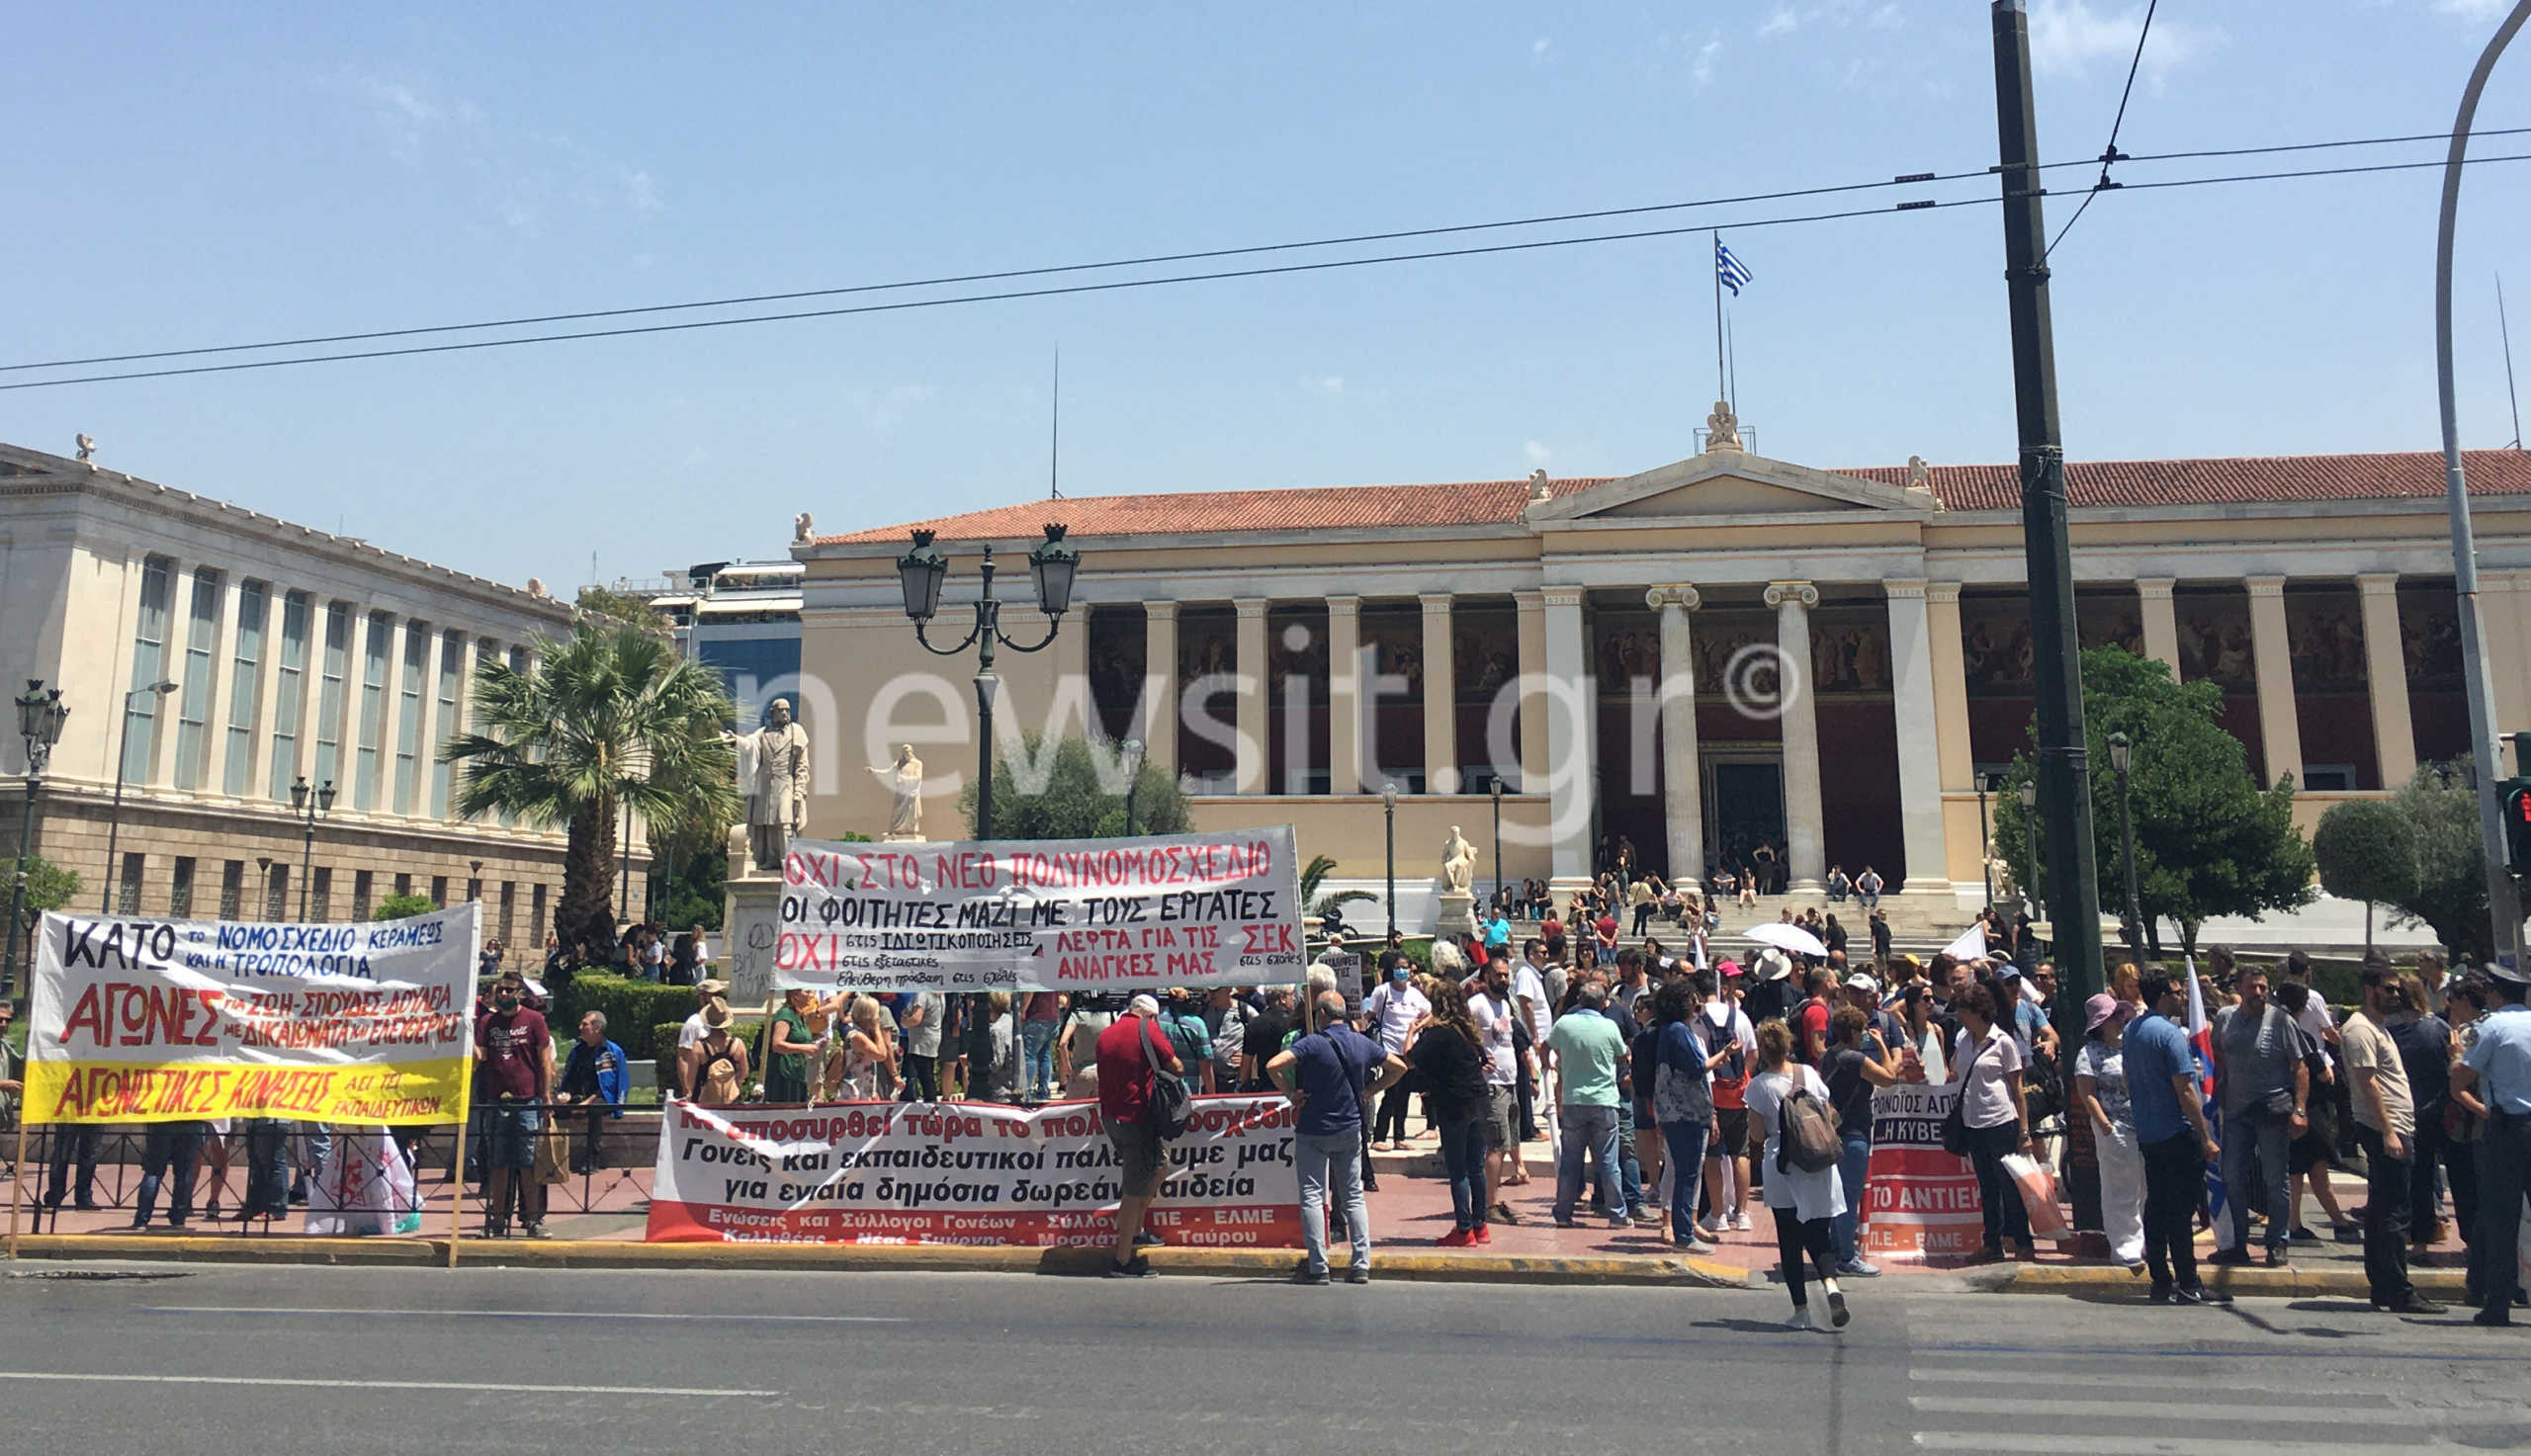 Συγκέντρωση εκπαιδευτικών ενάντια στο νέο πολυνομοσχέδιο – Κλειστή η Σταδίου.....